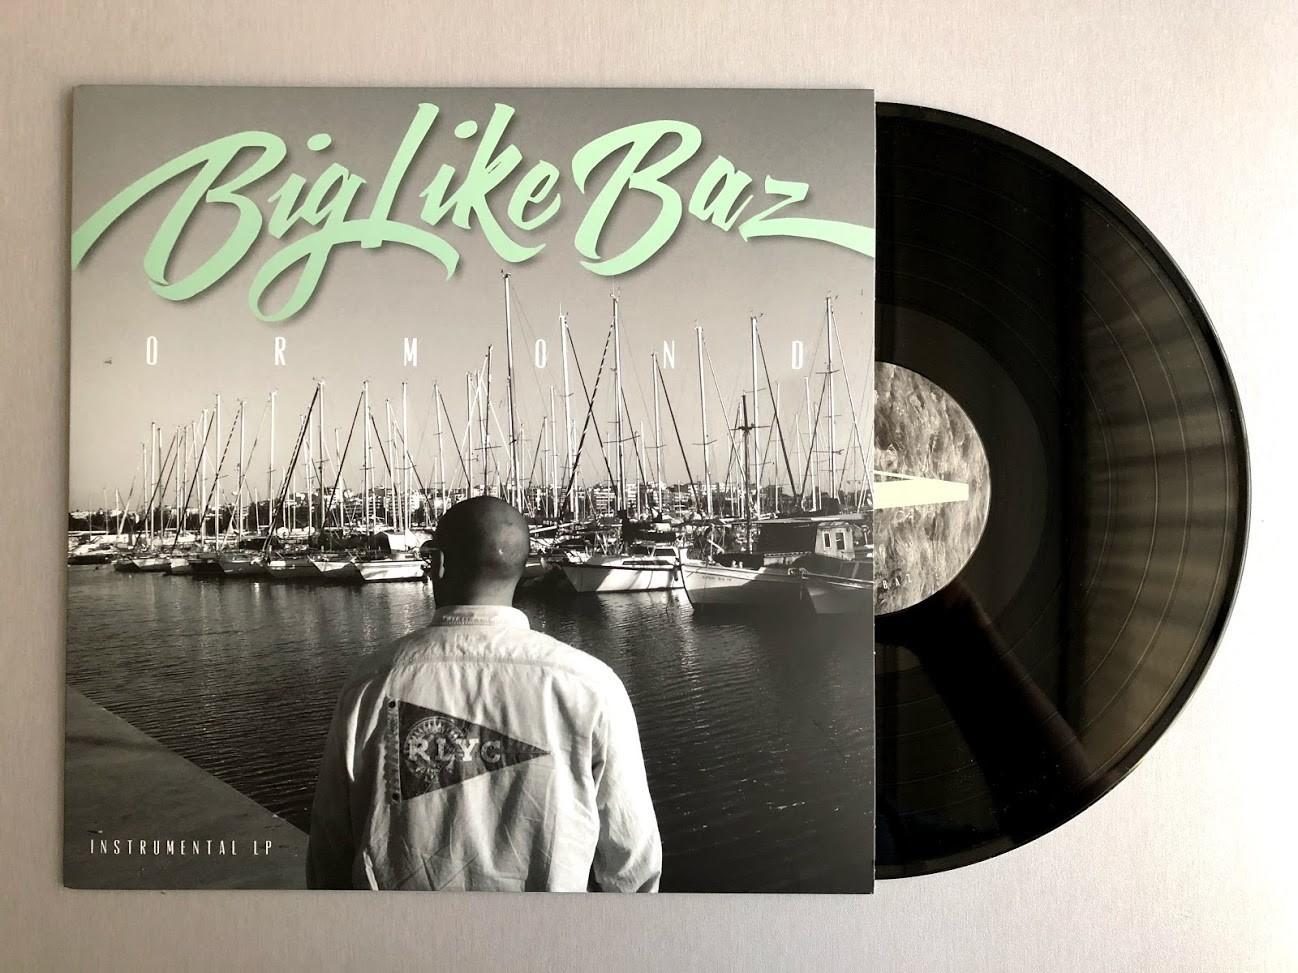 BigLikeBaz - Ormond - Cover Front